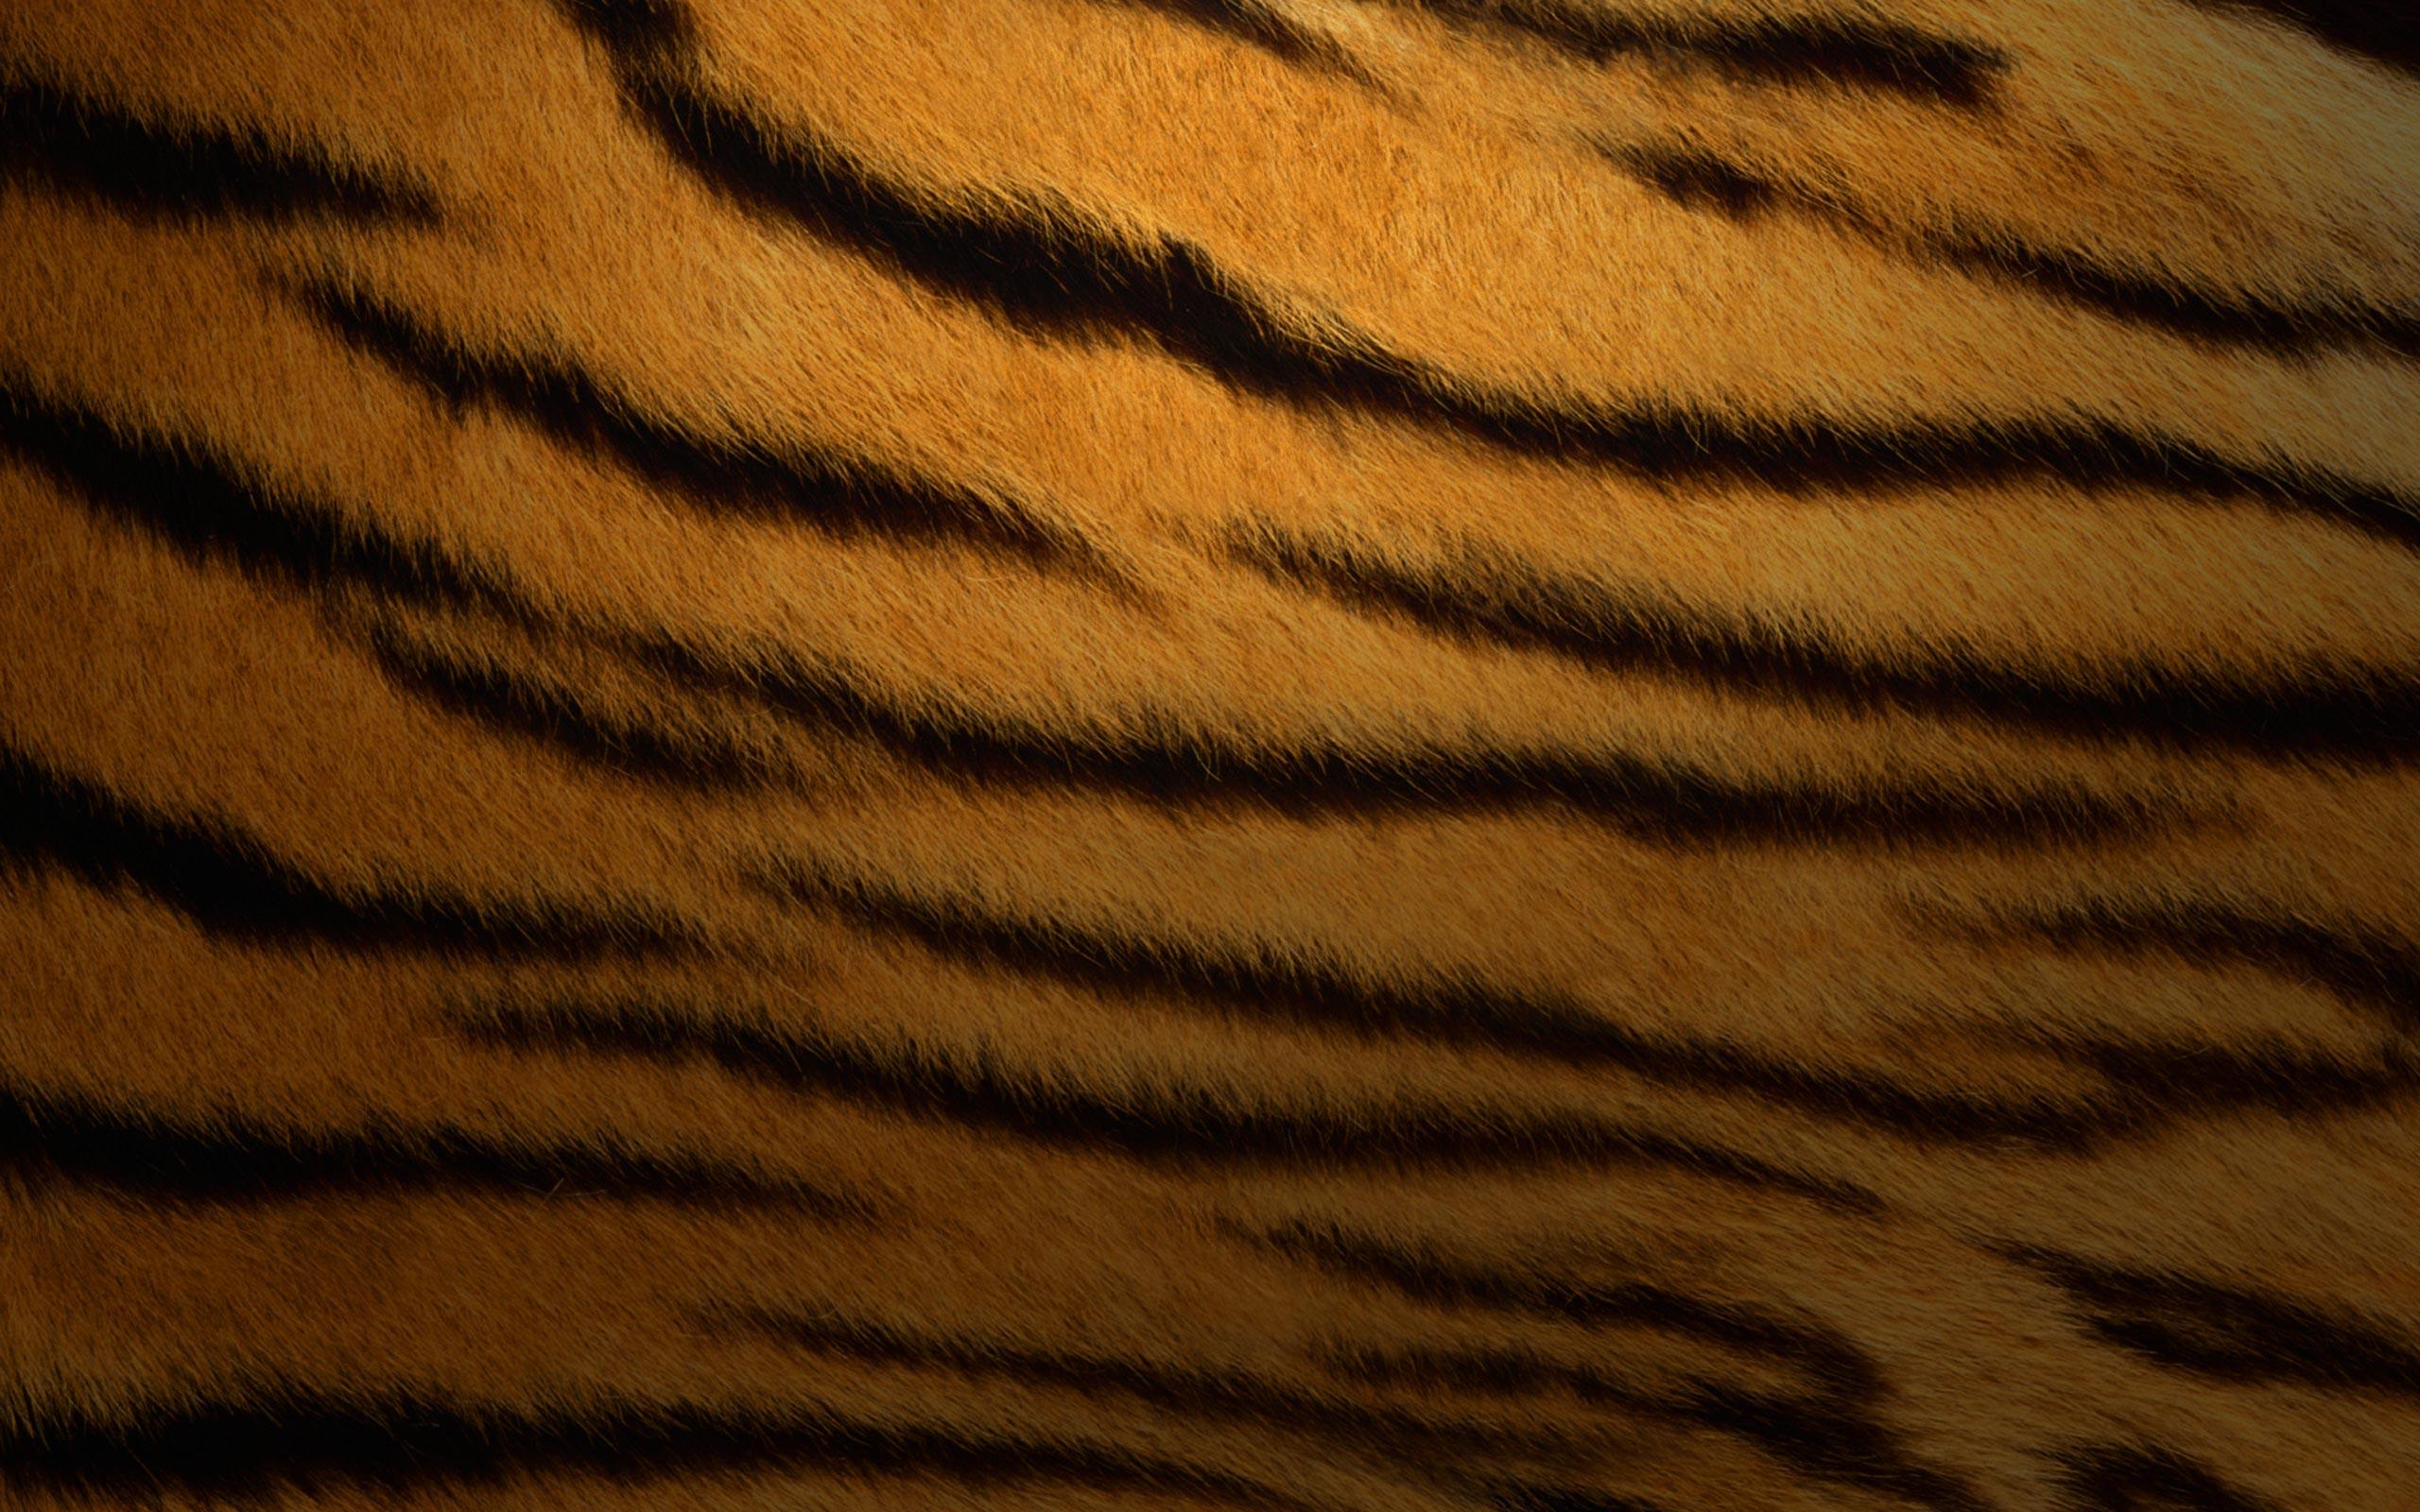 Textura de piel de tigre - 2560x1600